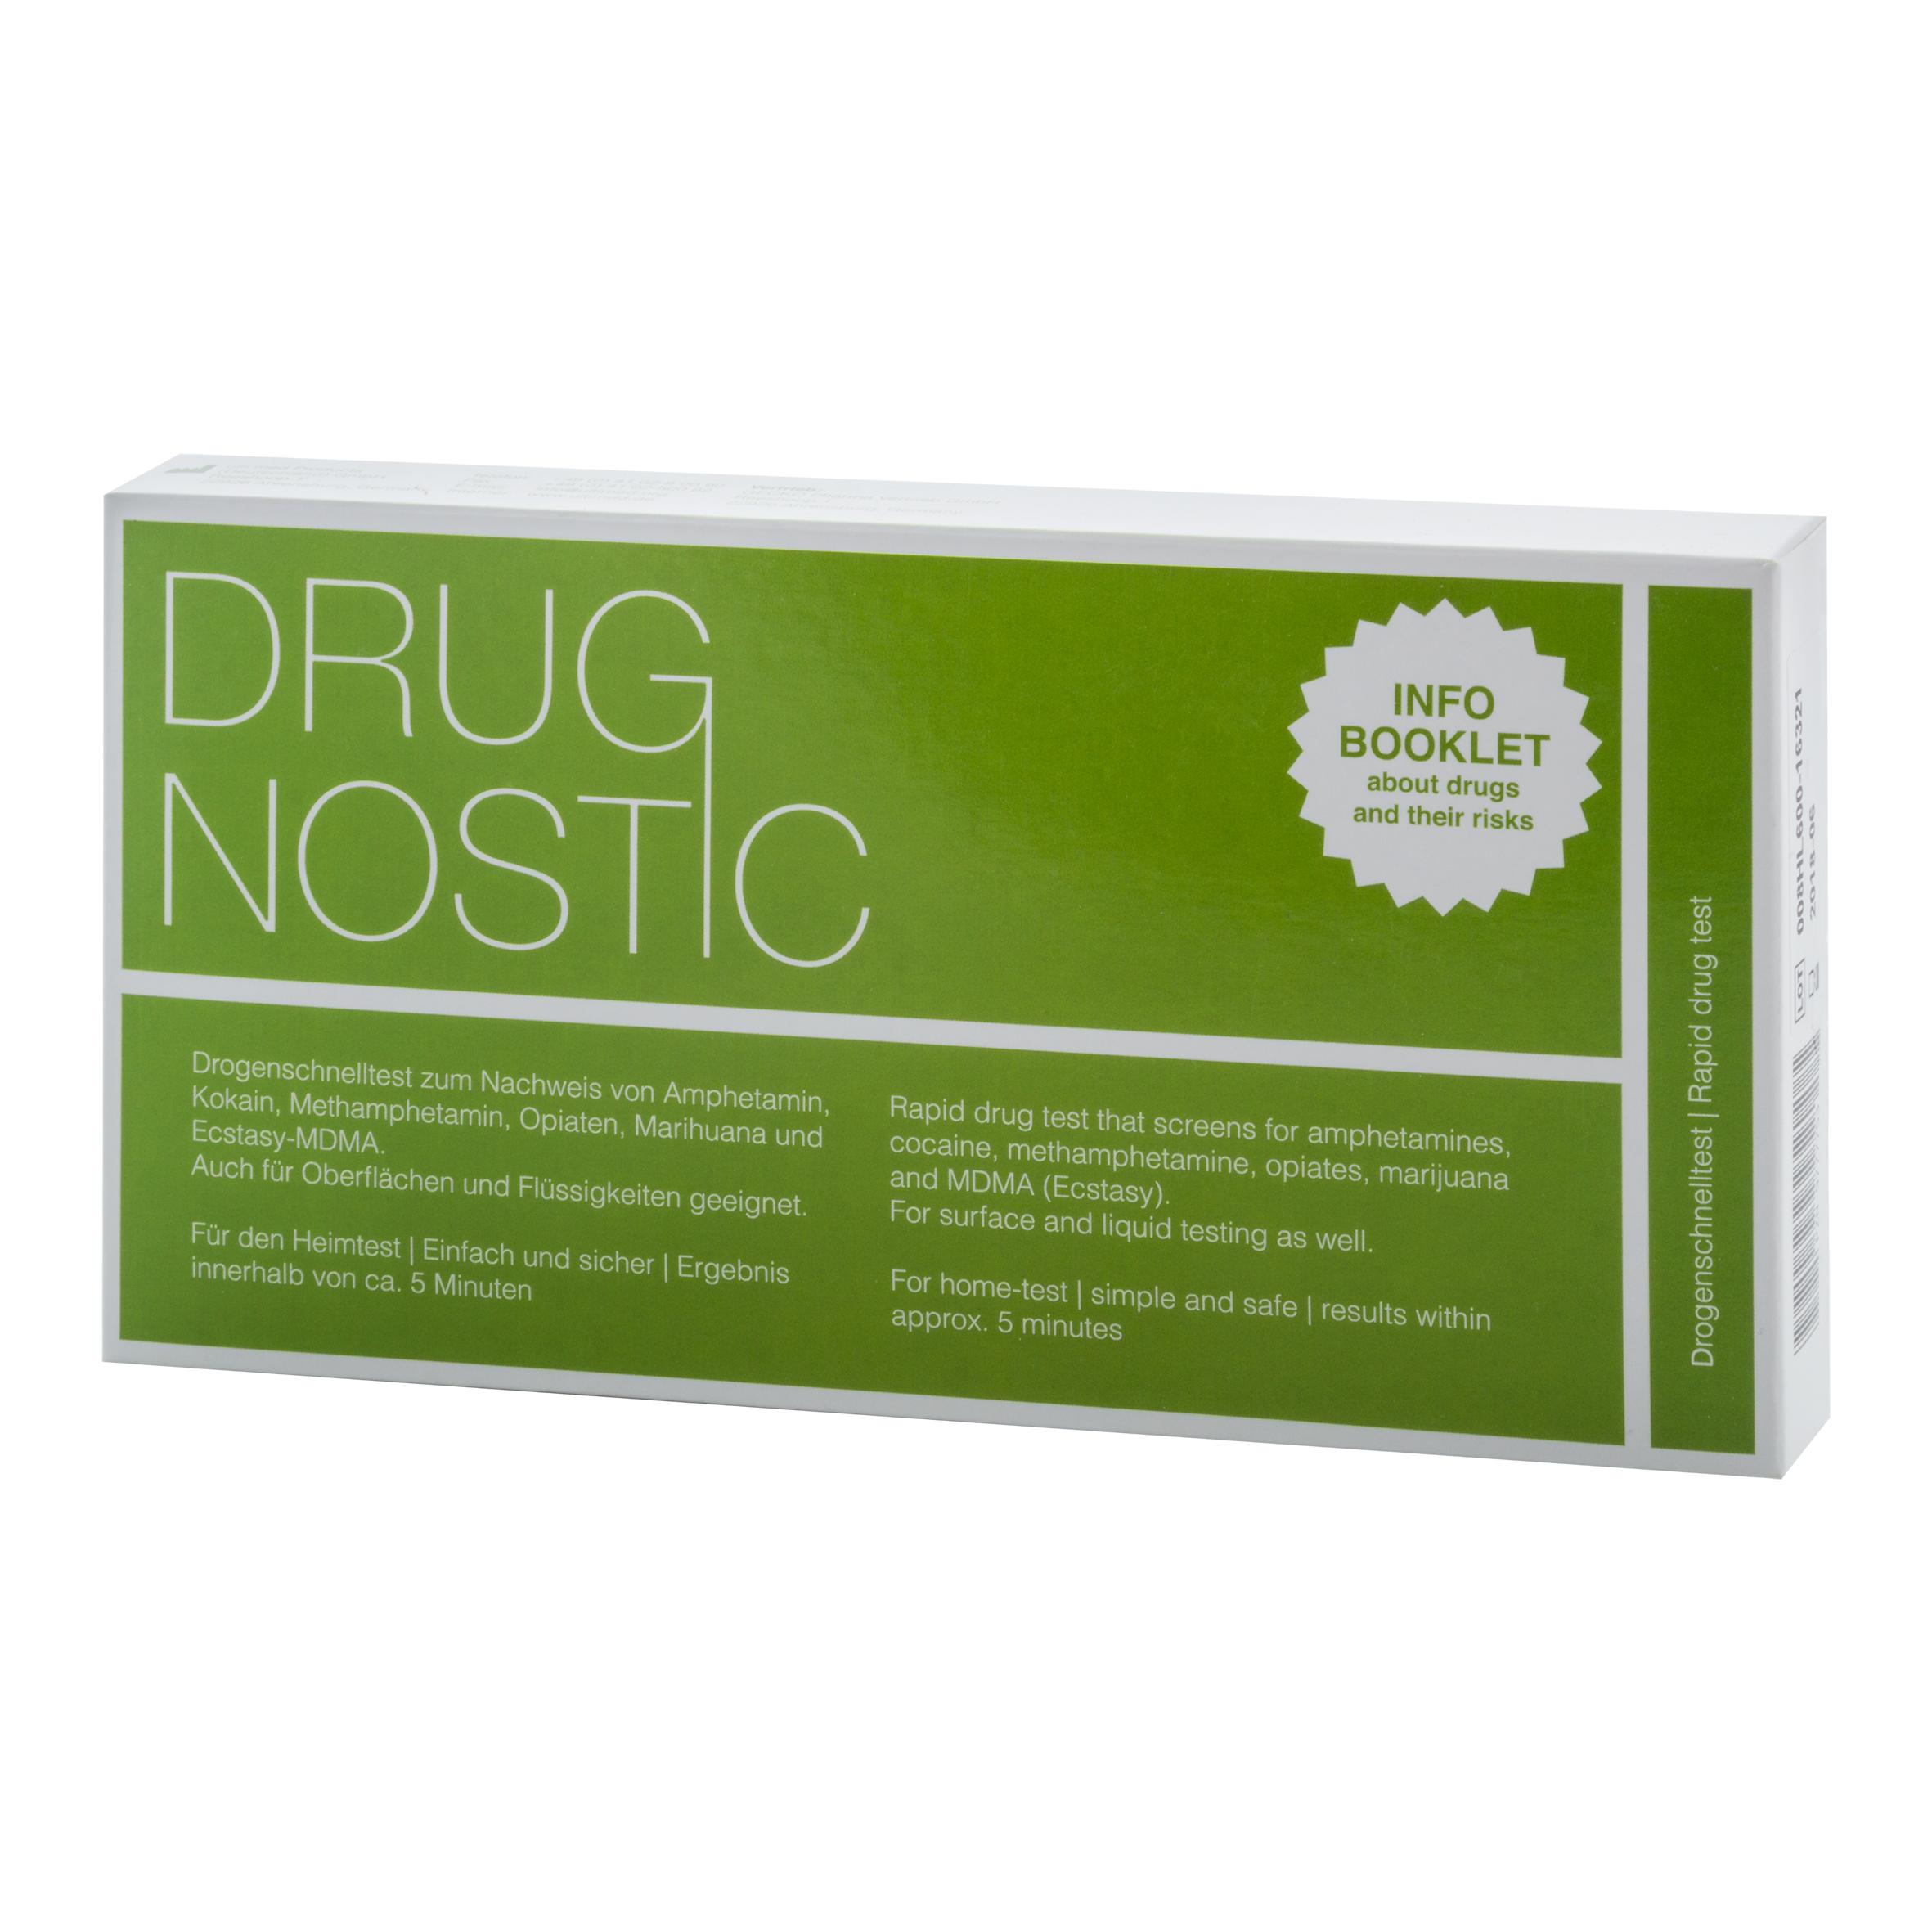 Drugnostic - Rapid drug test - ulti med Products